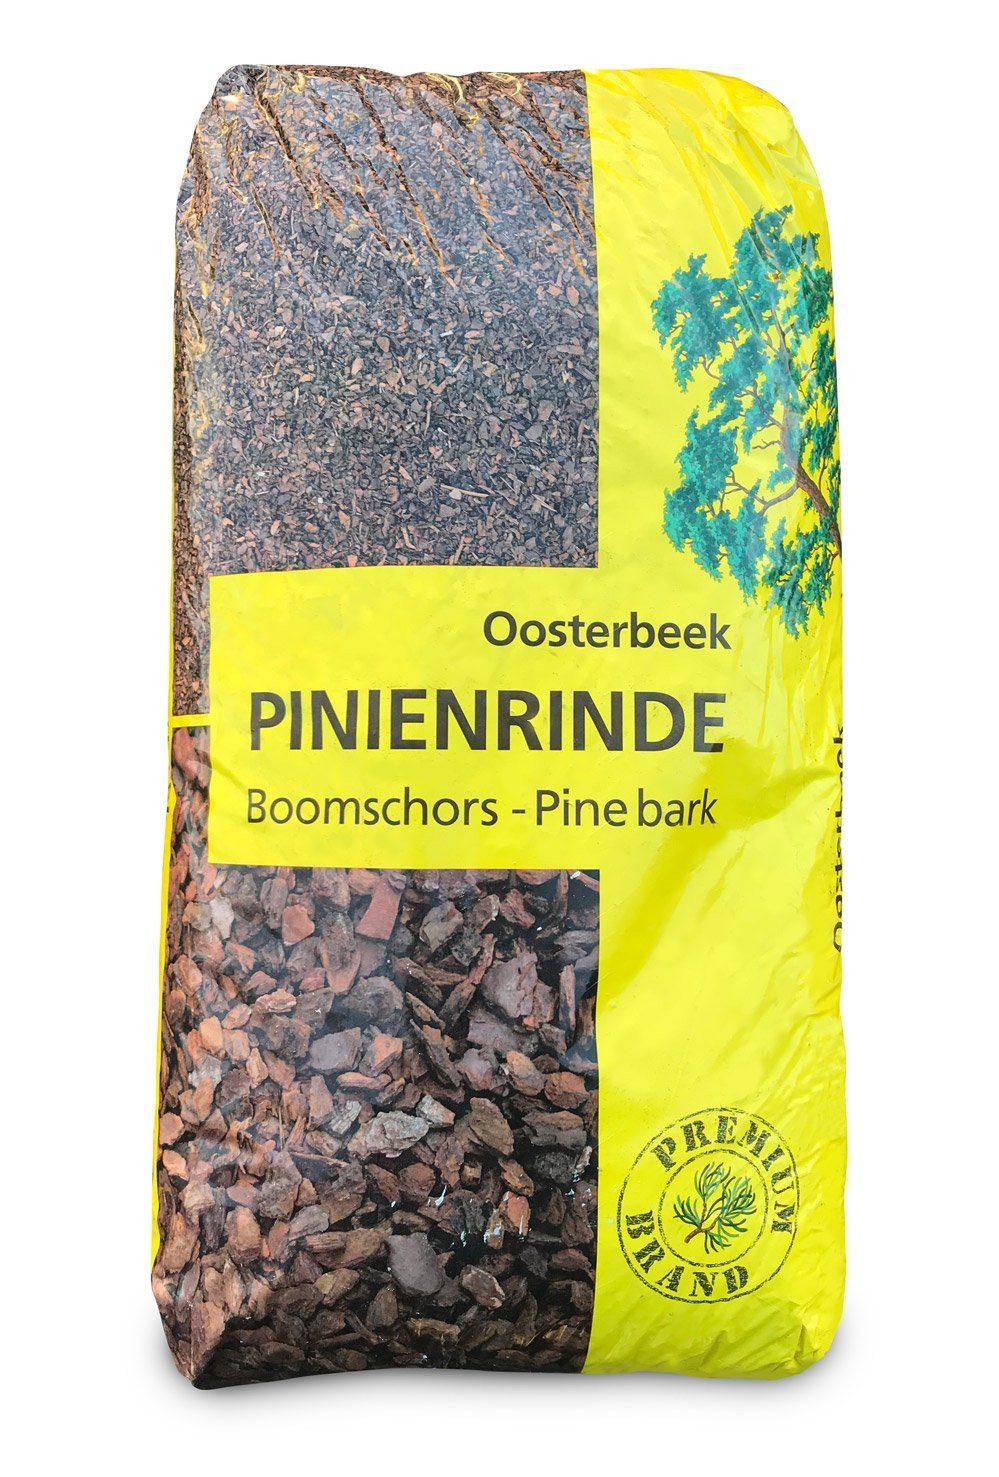 Oosterbeek Pinjebark 7-15 mm - 70 liters pose